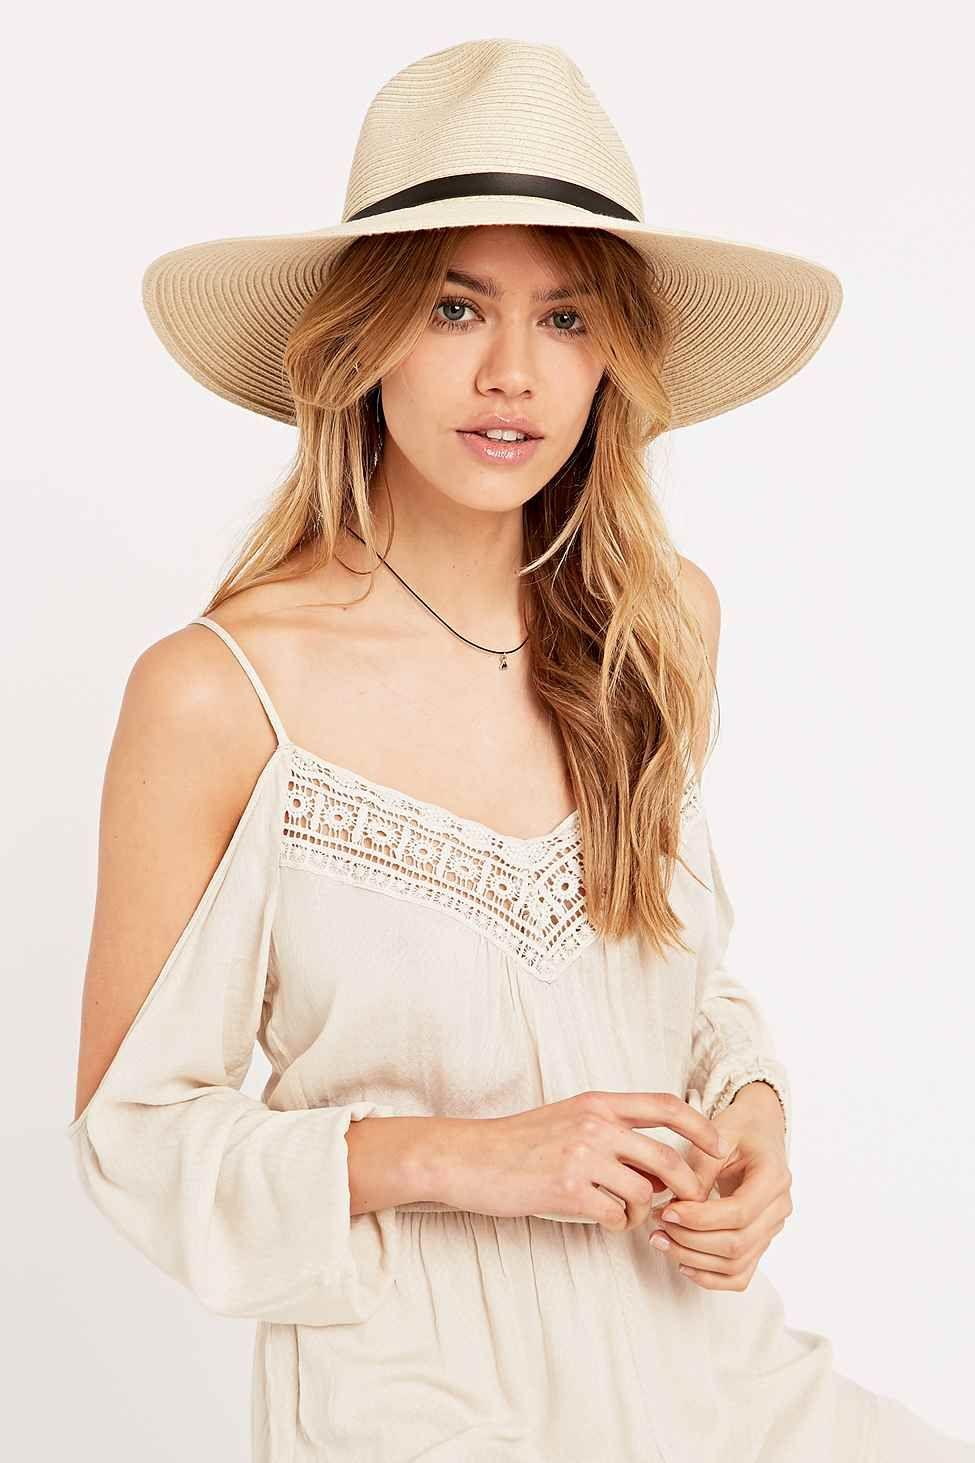 les 25 meilleures id es de la cat gorie chapeau panama femme sur pinterest chapeaux de paille. Black Bedroom Furniture Sets. Home Design Ideas